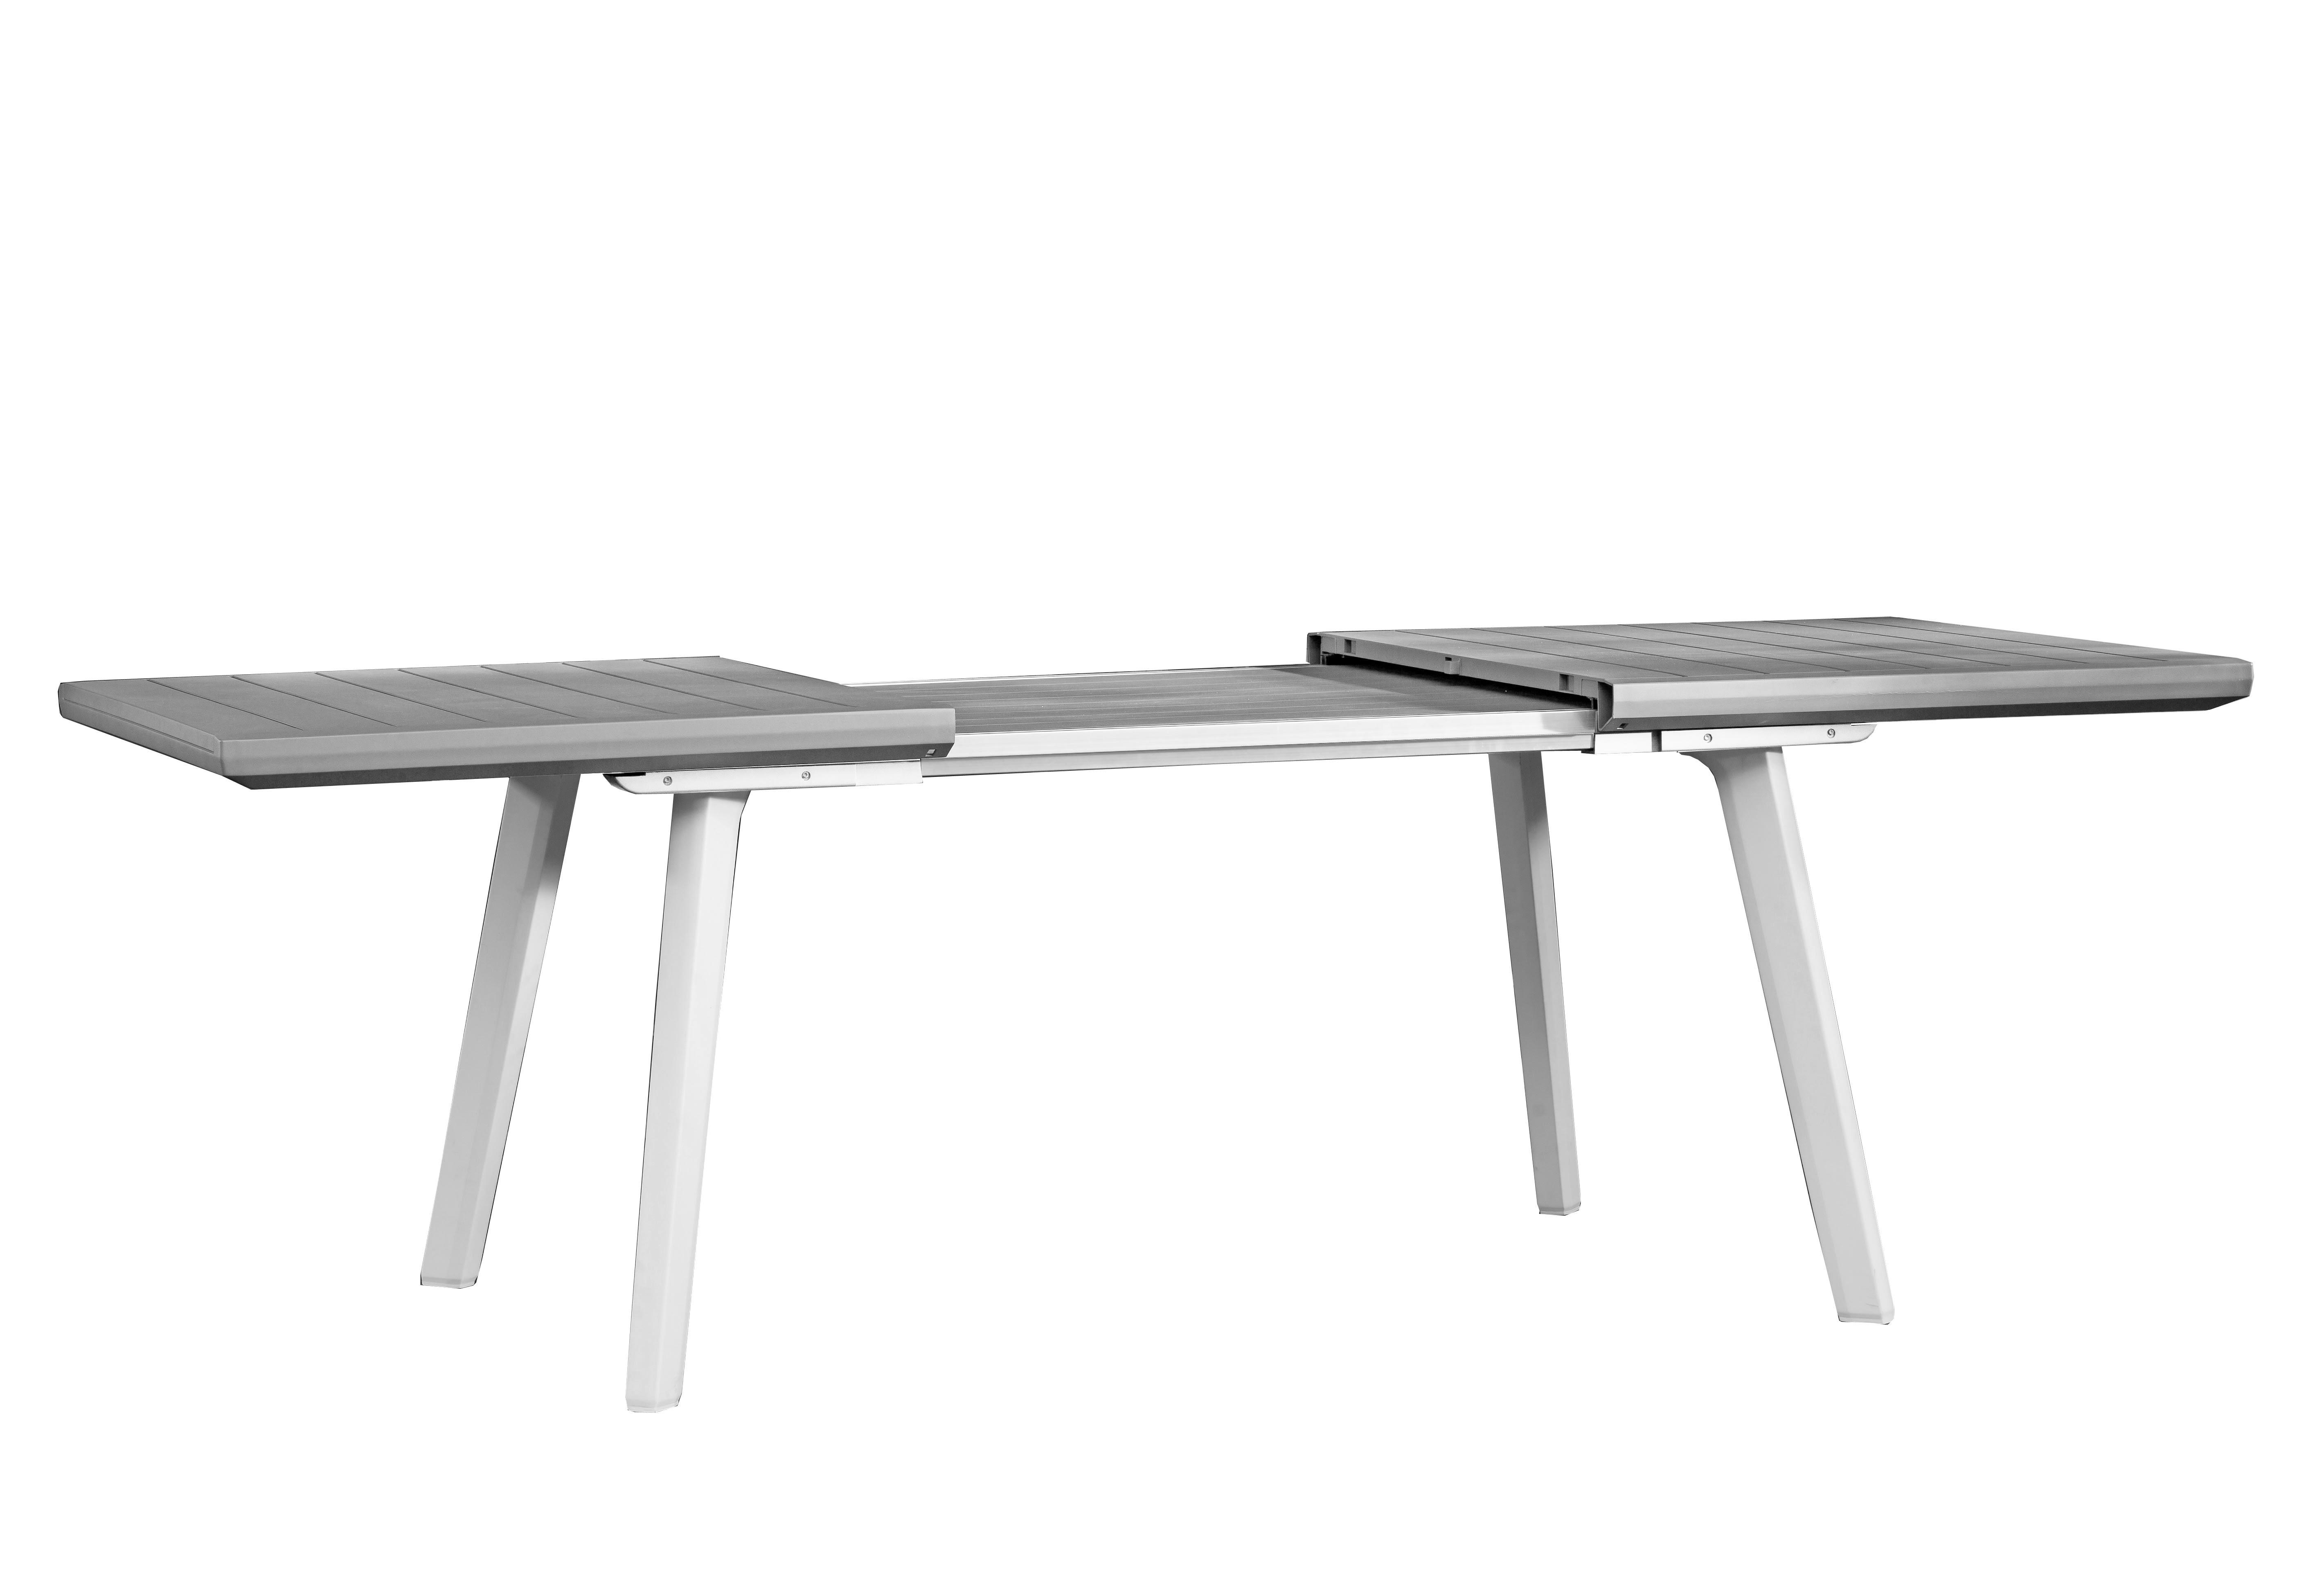 Tavolo Da Giardino Allungabile Rettangolare Harmony Con Piano In Resina L 160 240 X P 100 Cm Prezzo Online Leroy Merlin